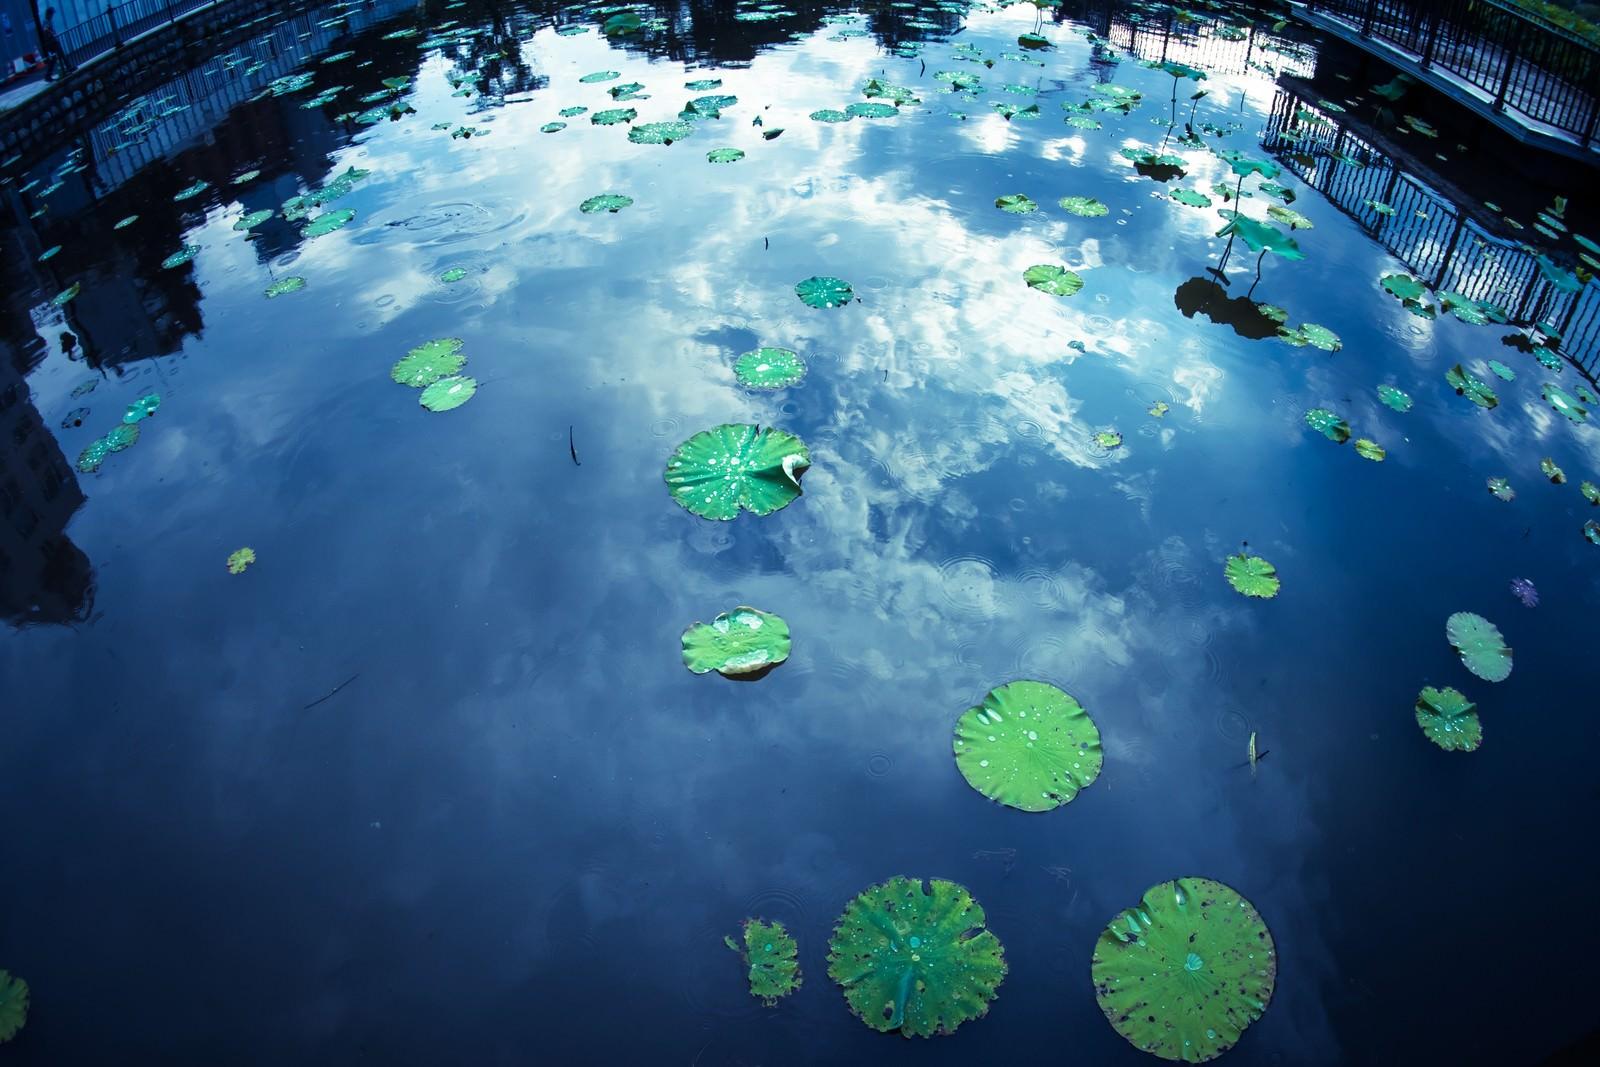 「蓮と水面に反射する空」の写真